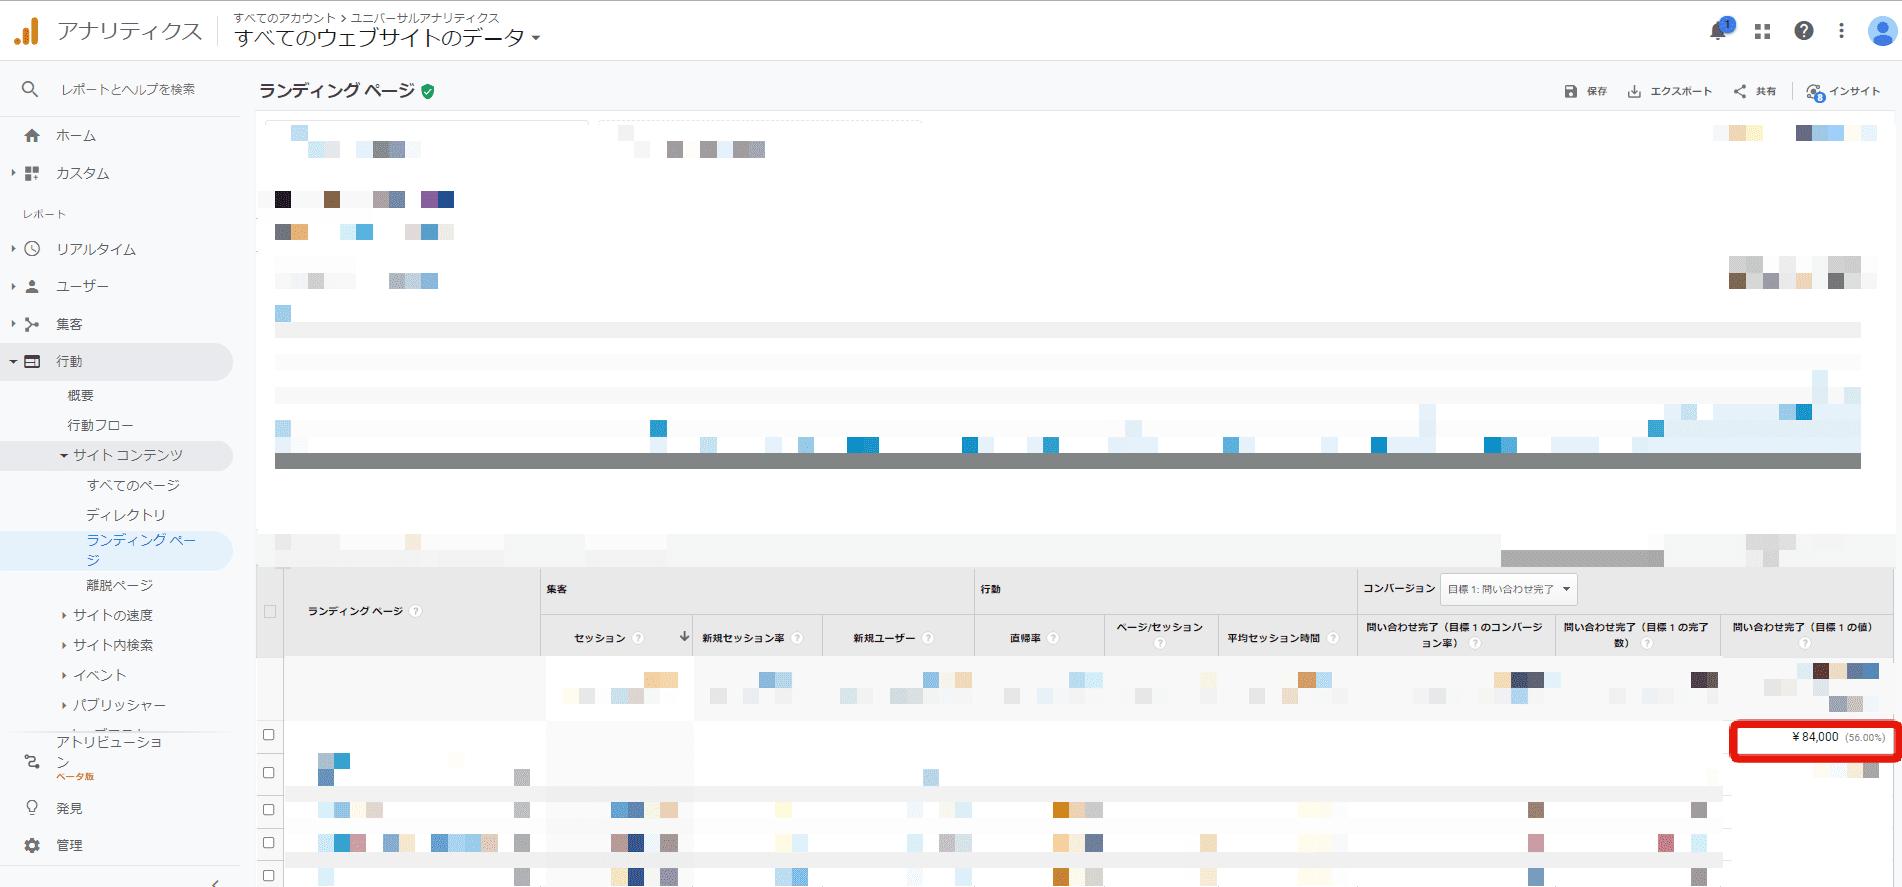 Googleアナリティクスランディングページの値分析